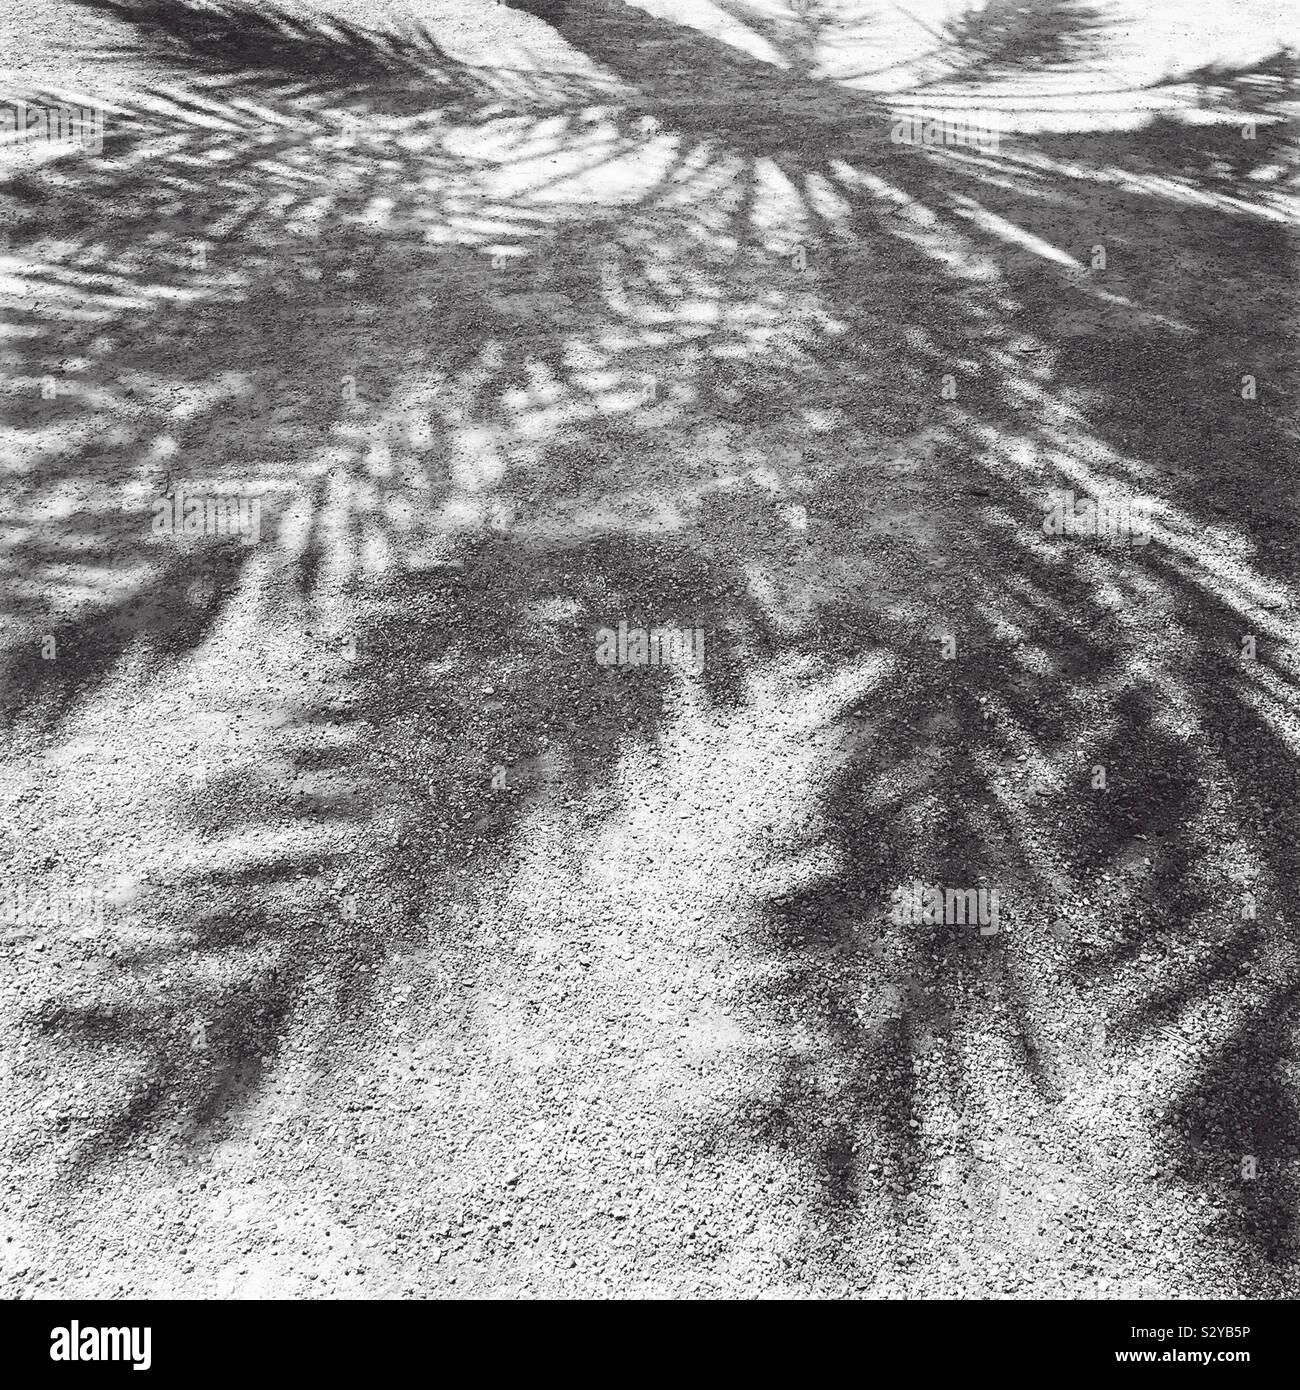 L'ombre de longues feuilles et branches d'un palmier sur le ciment grenu d'un parking. Banque D'Images